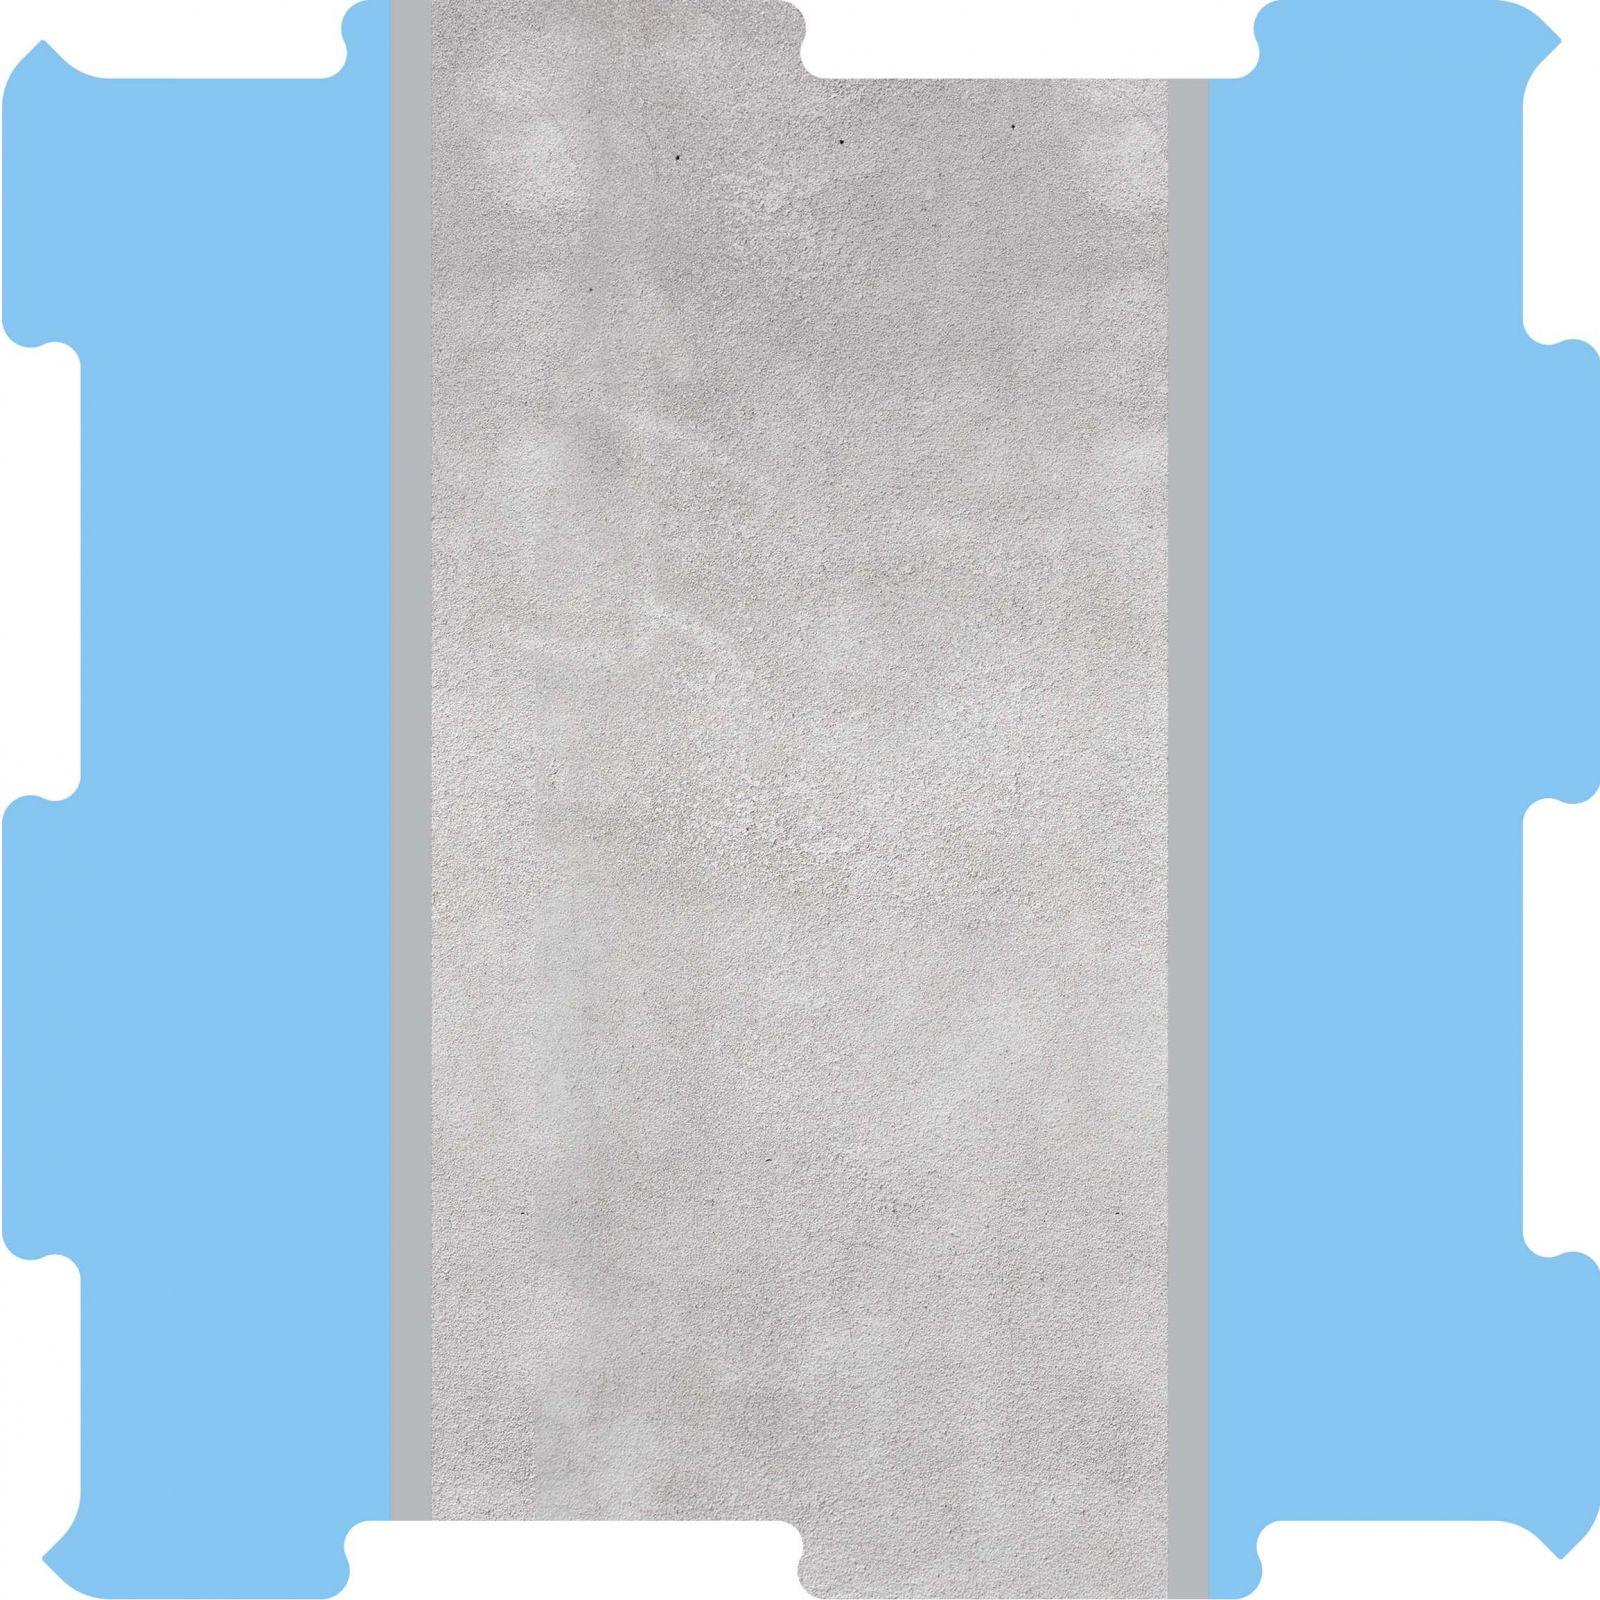 Podlahové puzzle přístav molo střed